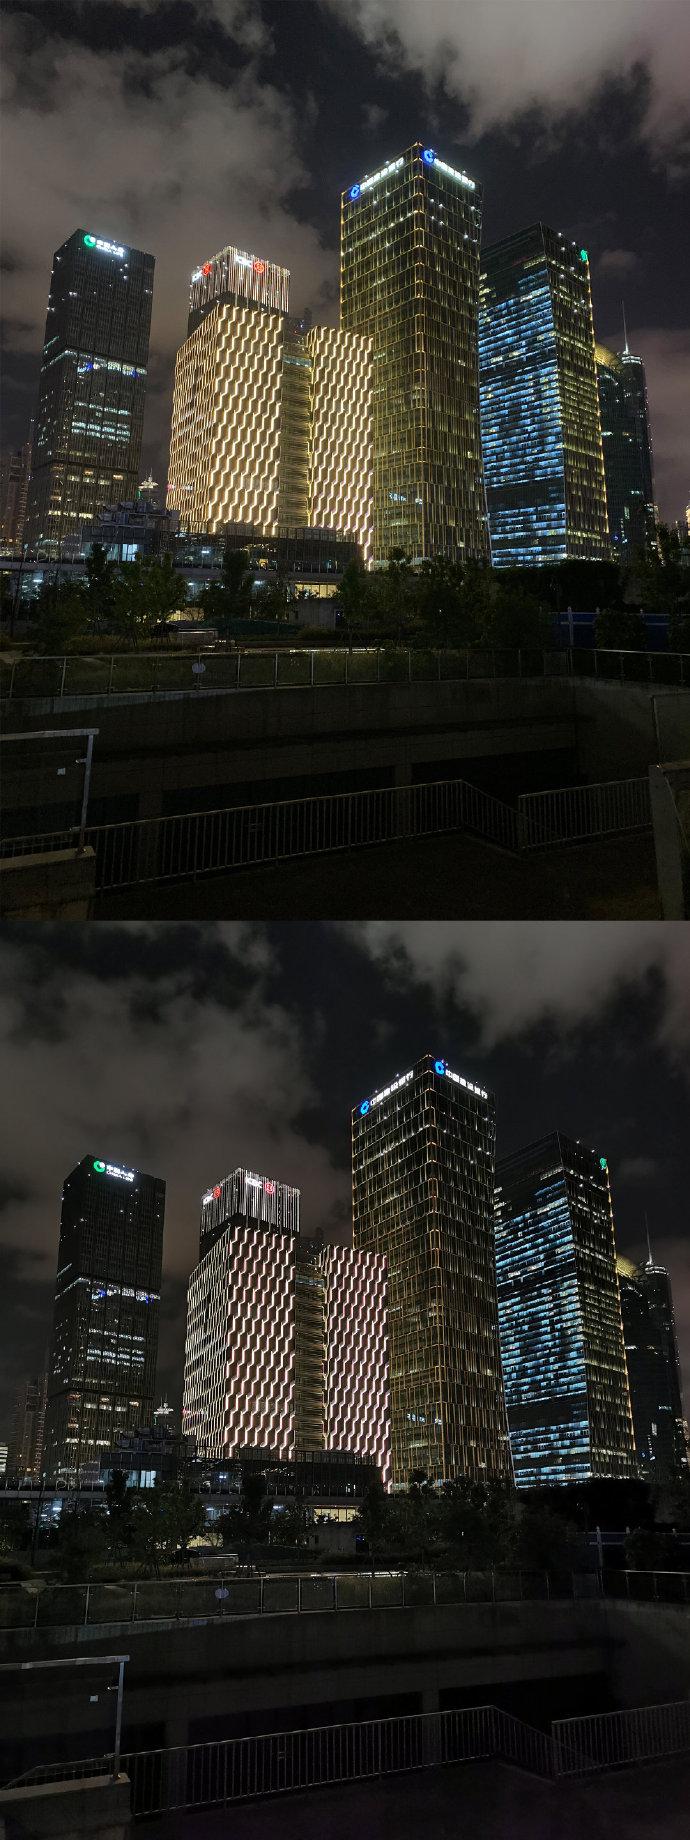 谁是夜拍之王?iPhone 11 Pro Max 和华为 P30 Pro成片对比 涨姿势 第6张